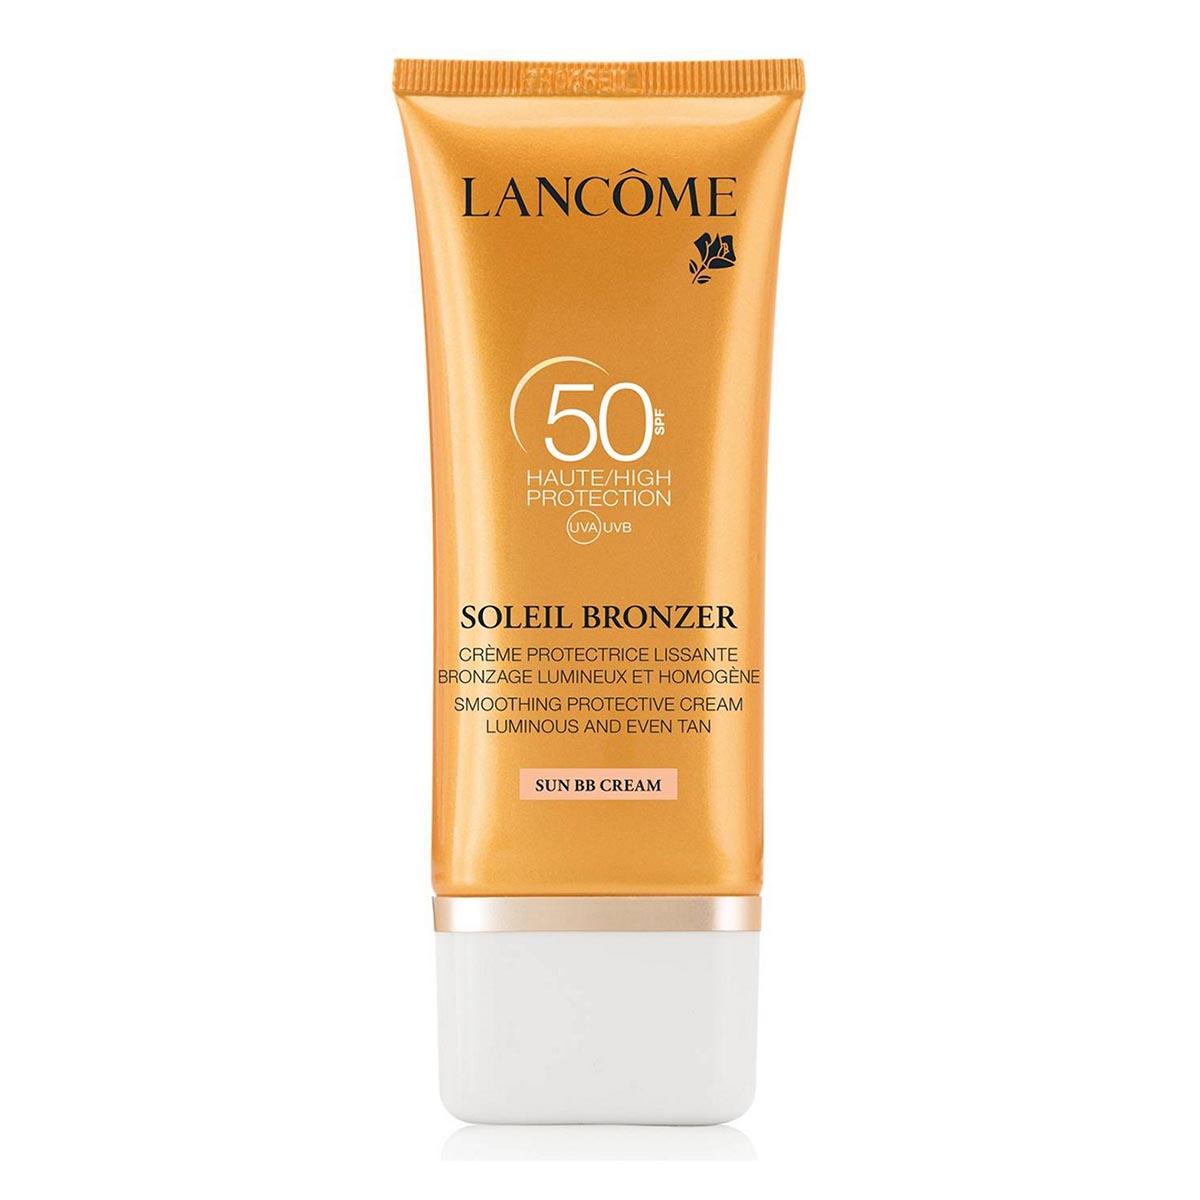 Lancome soleil bronzer spf50 sun bb cream 50ml